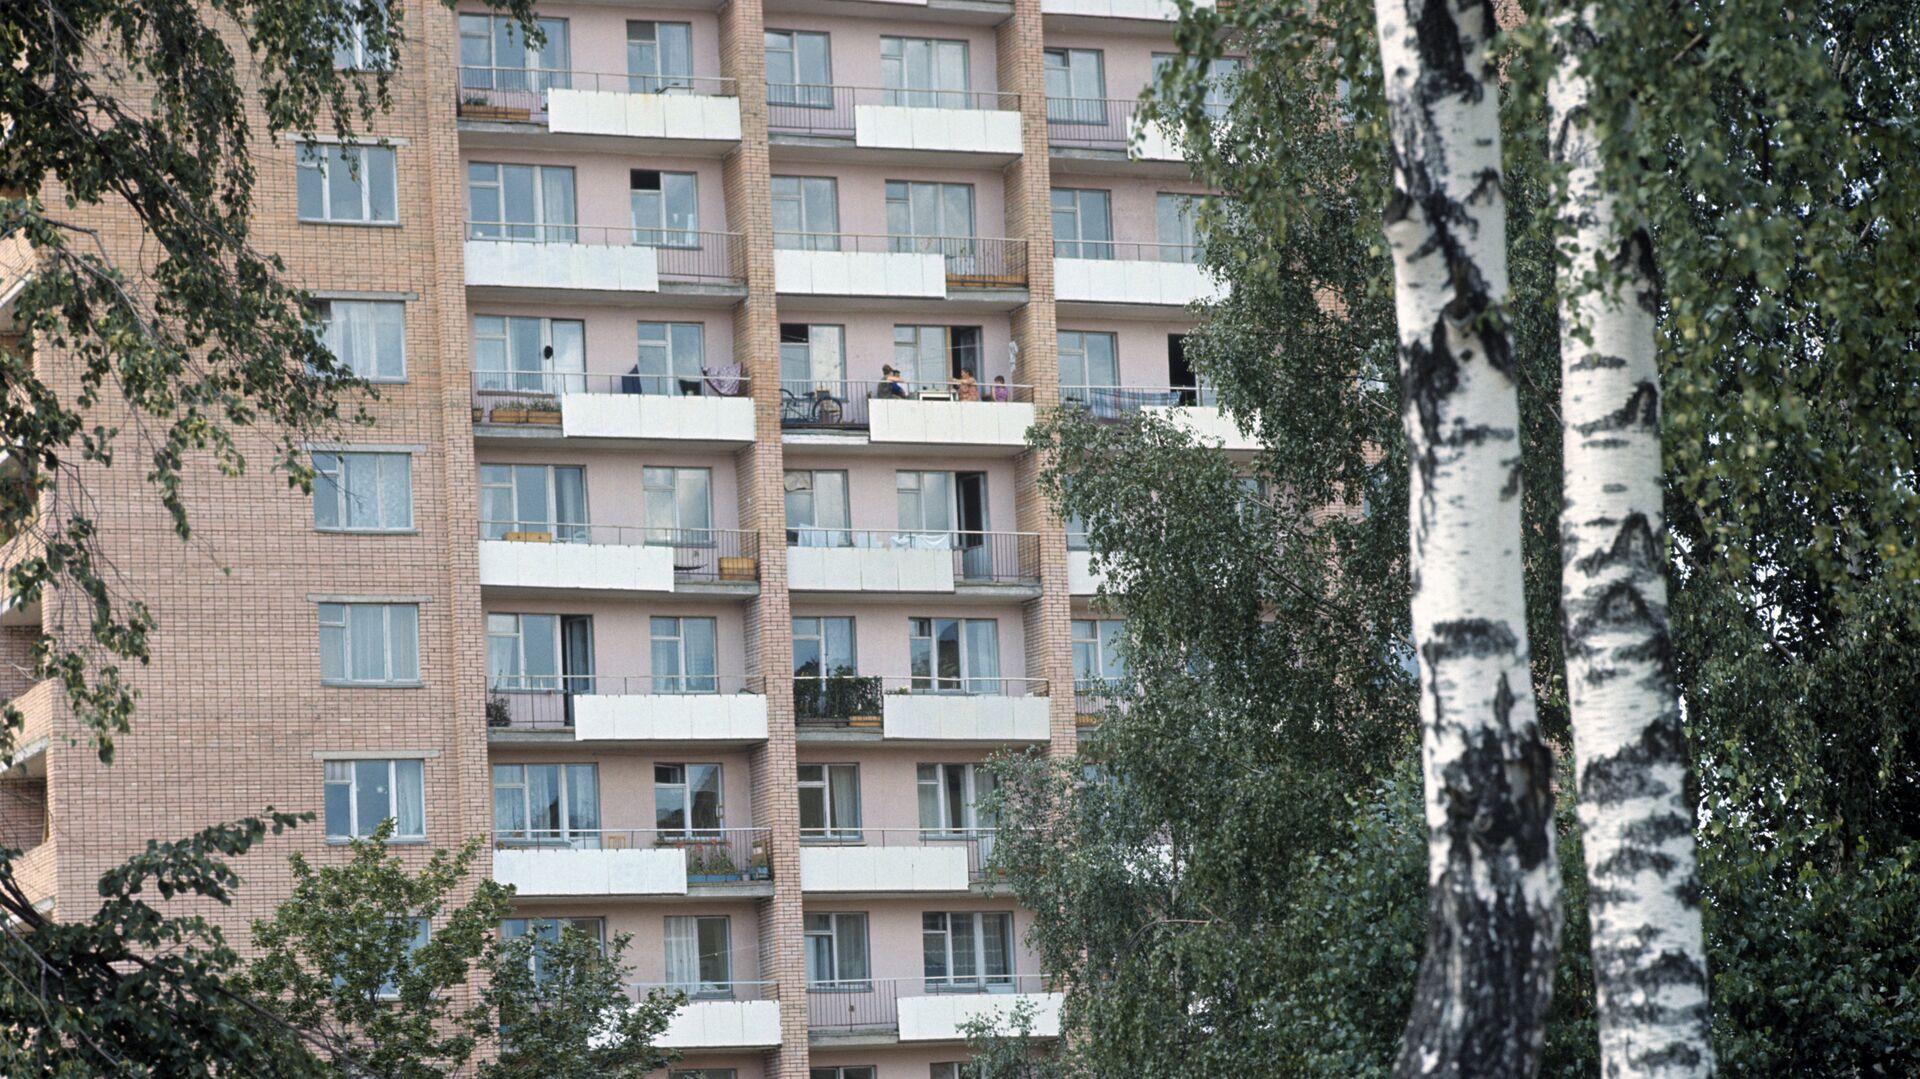 Балконы многоквартирного здания - РИА Новости, 1920, 21.10.2020